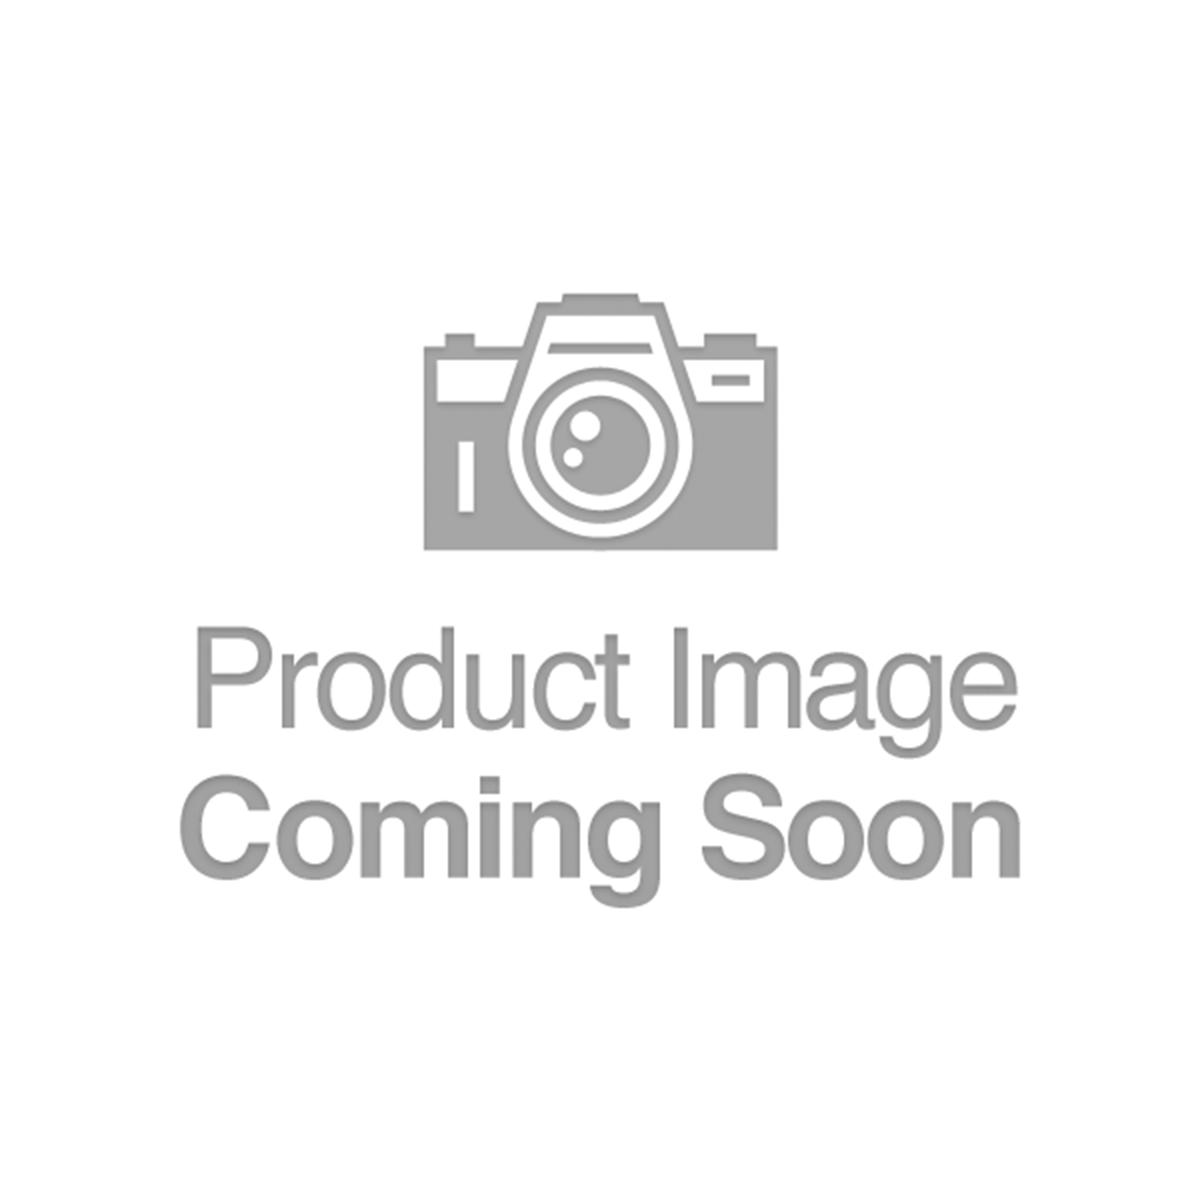 Petaluma - California - CH 2193 - FR 1157 - PCGS 8